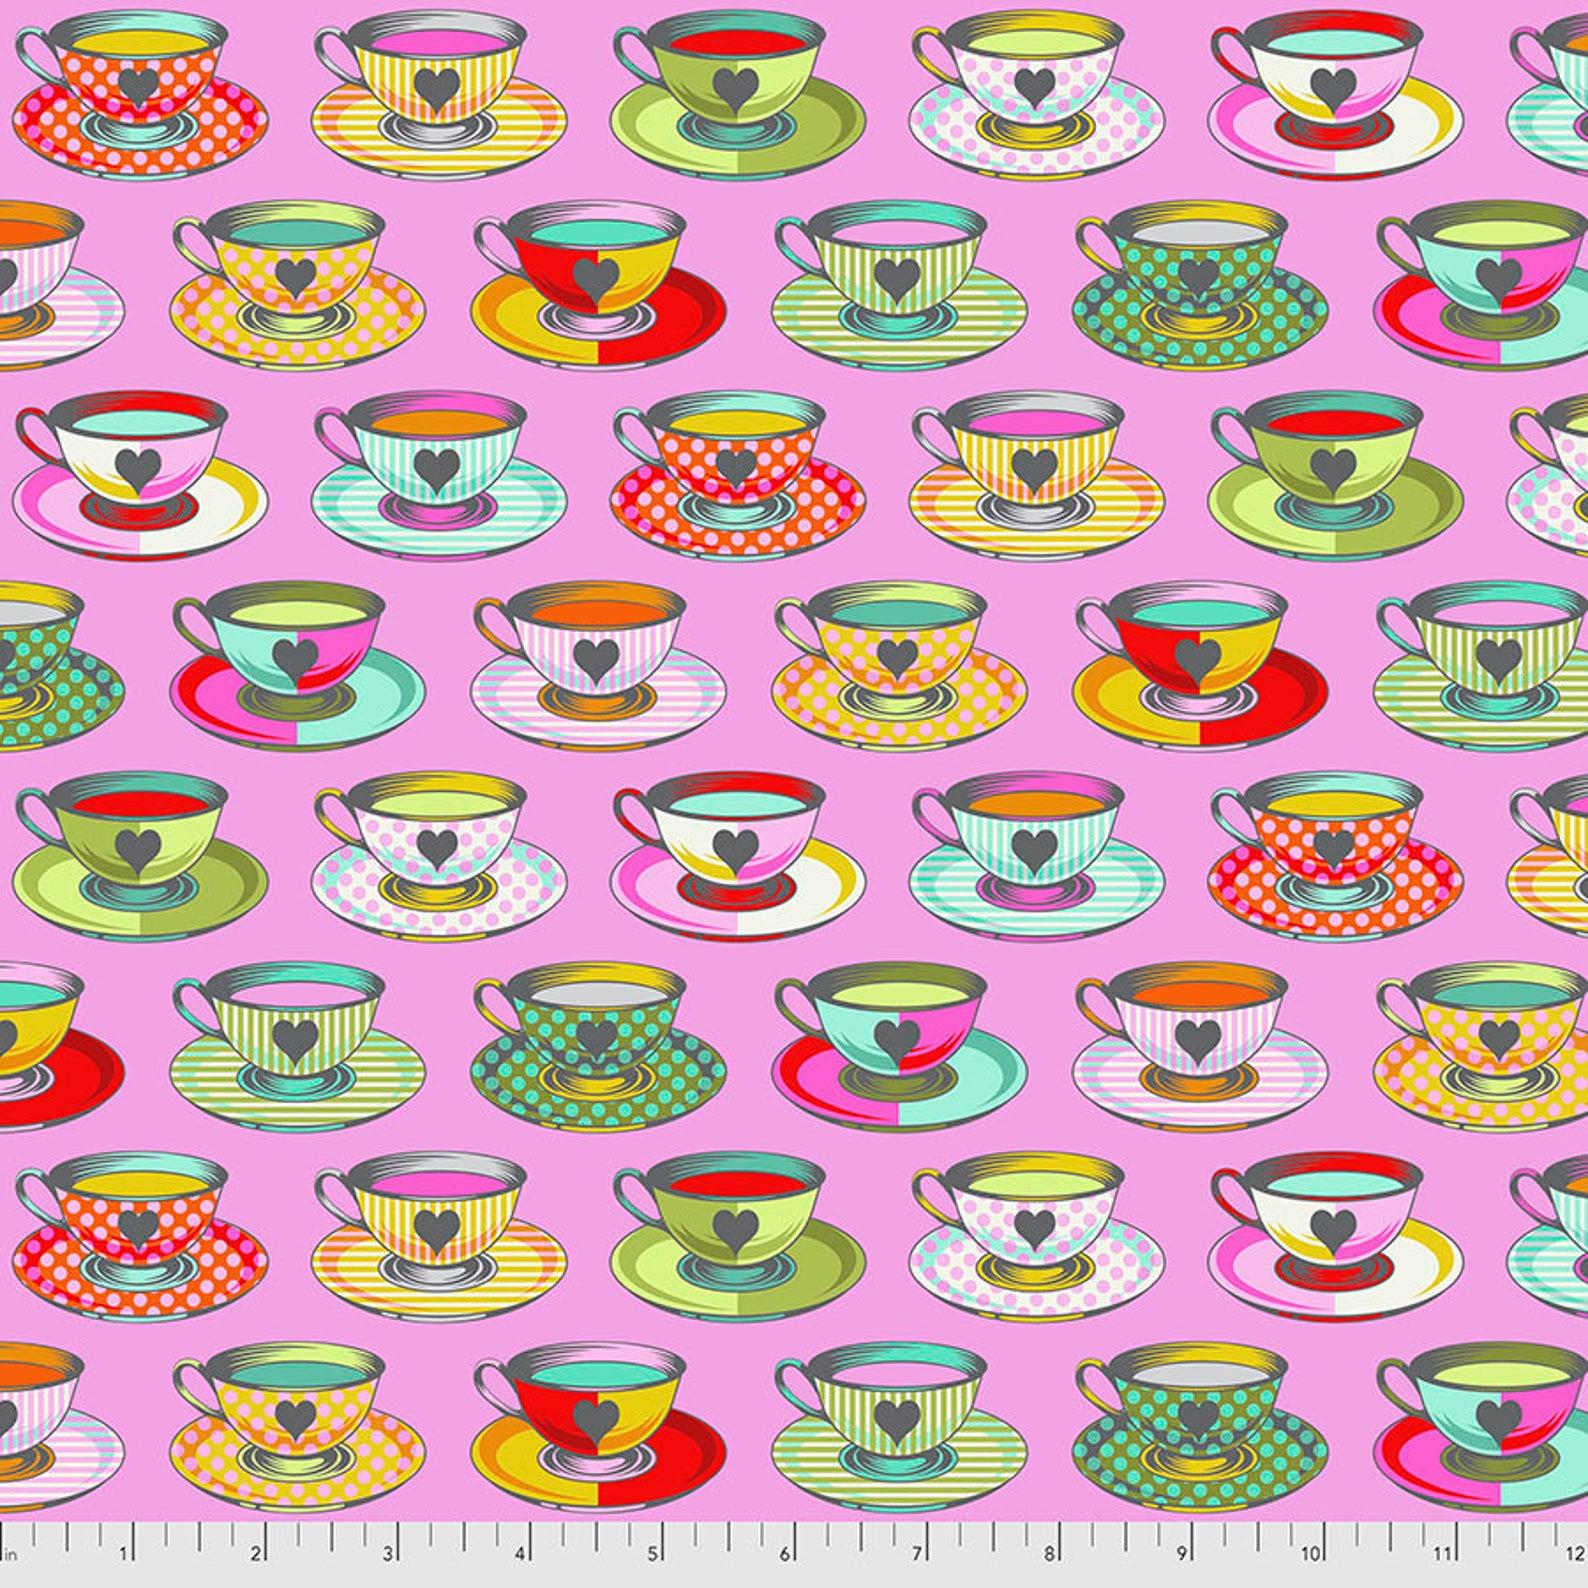 Tula Pink - Curiouser & Curiouser - Tea Time (Wonder)